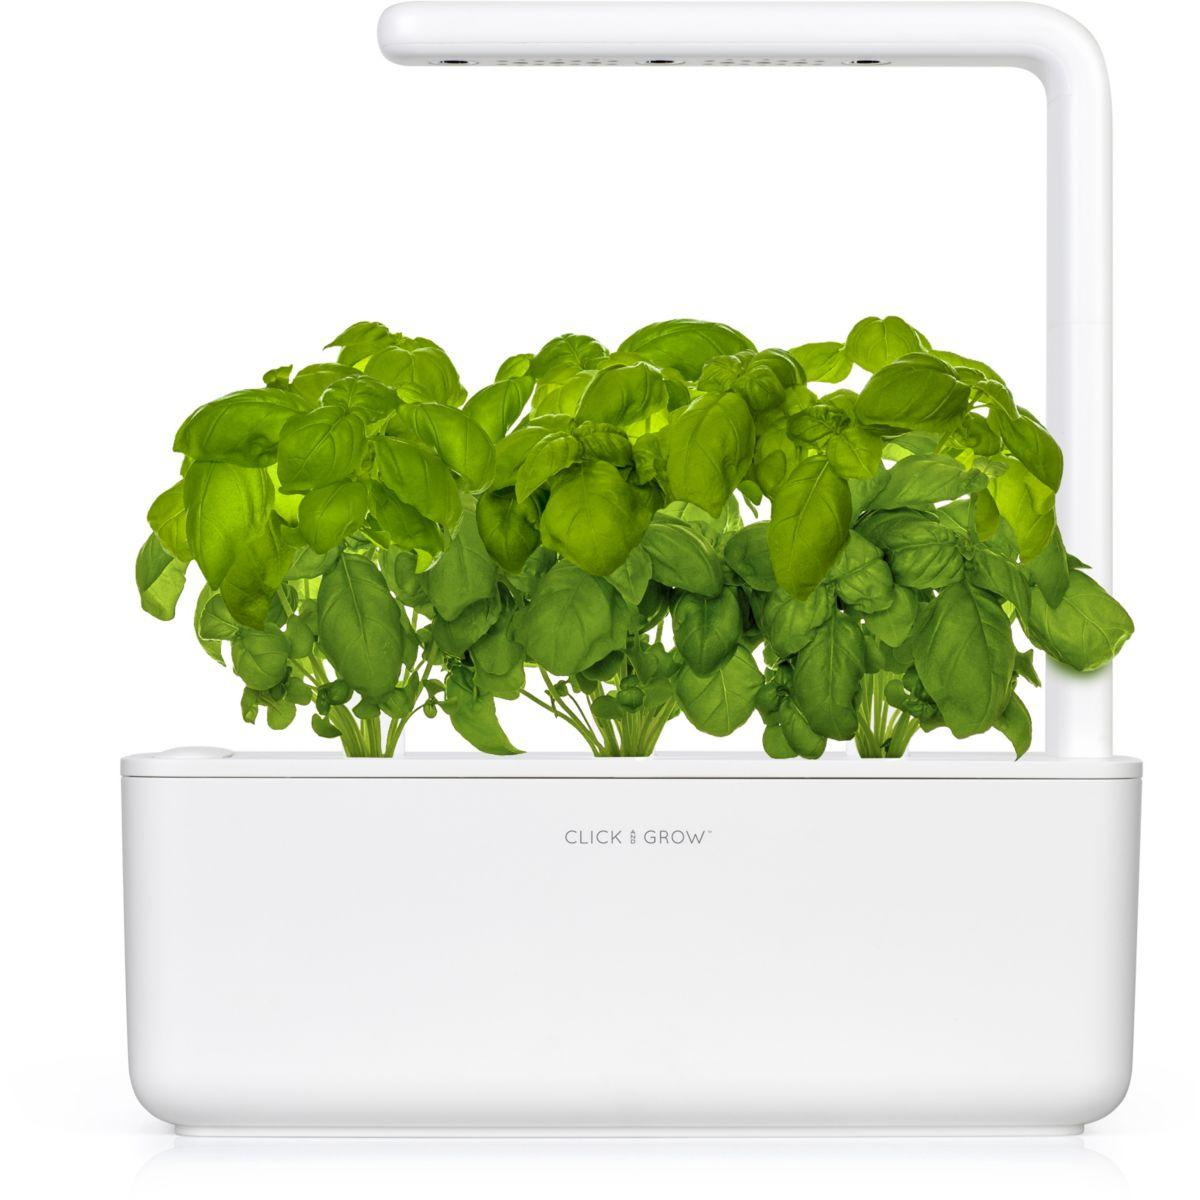 Jardini�re co click and grow smart garde - 10% de remise imm�diate avec le code : paques10 (photo)